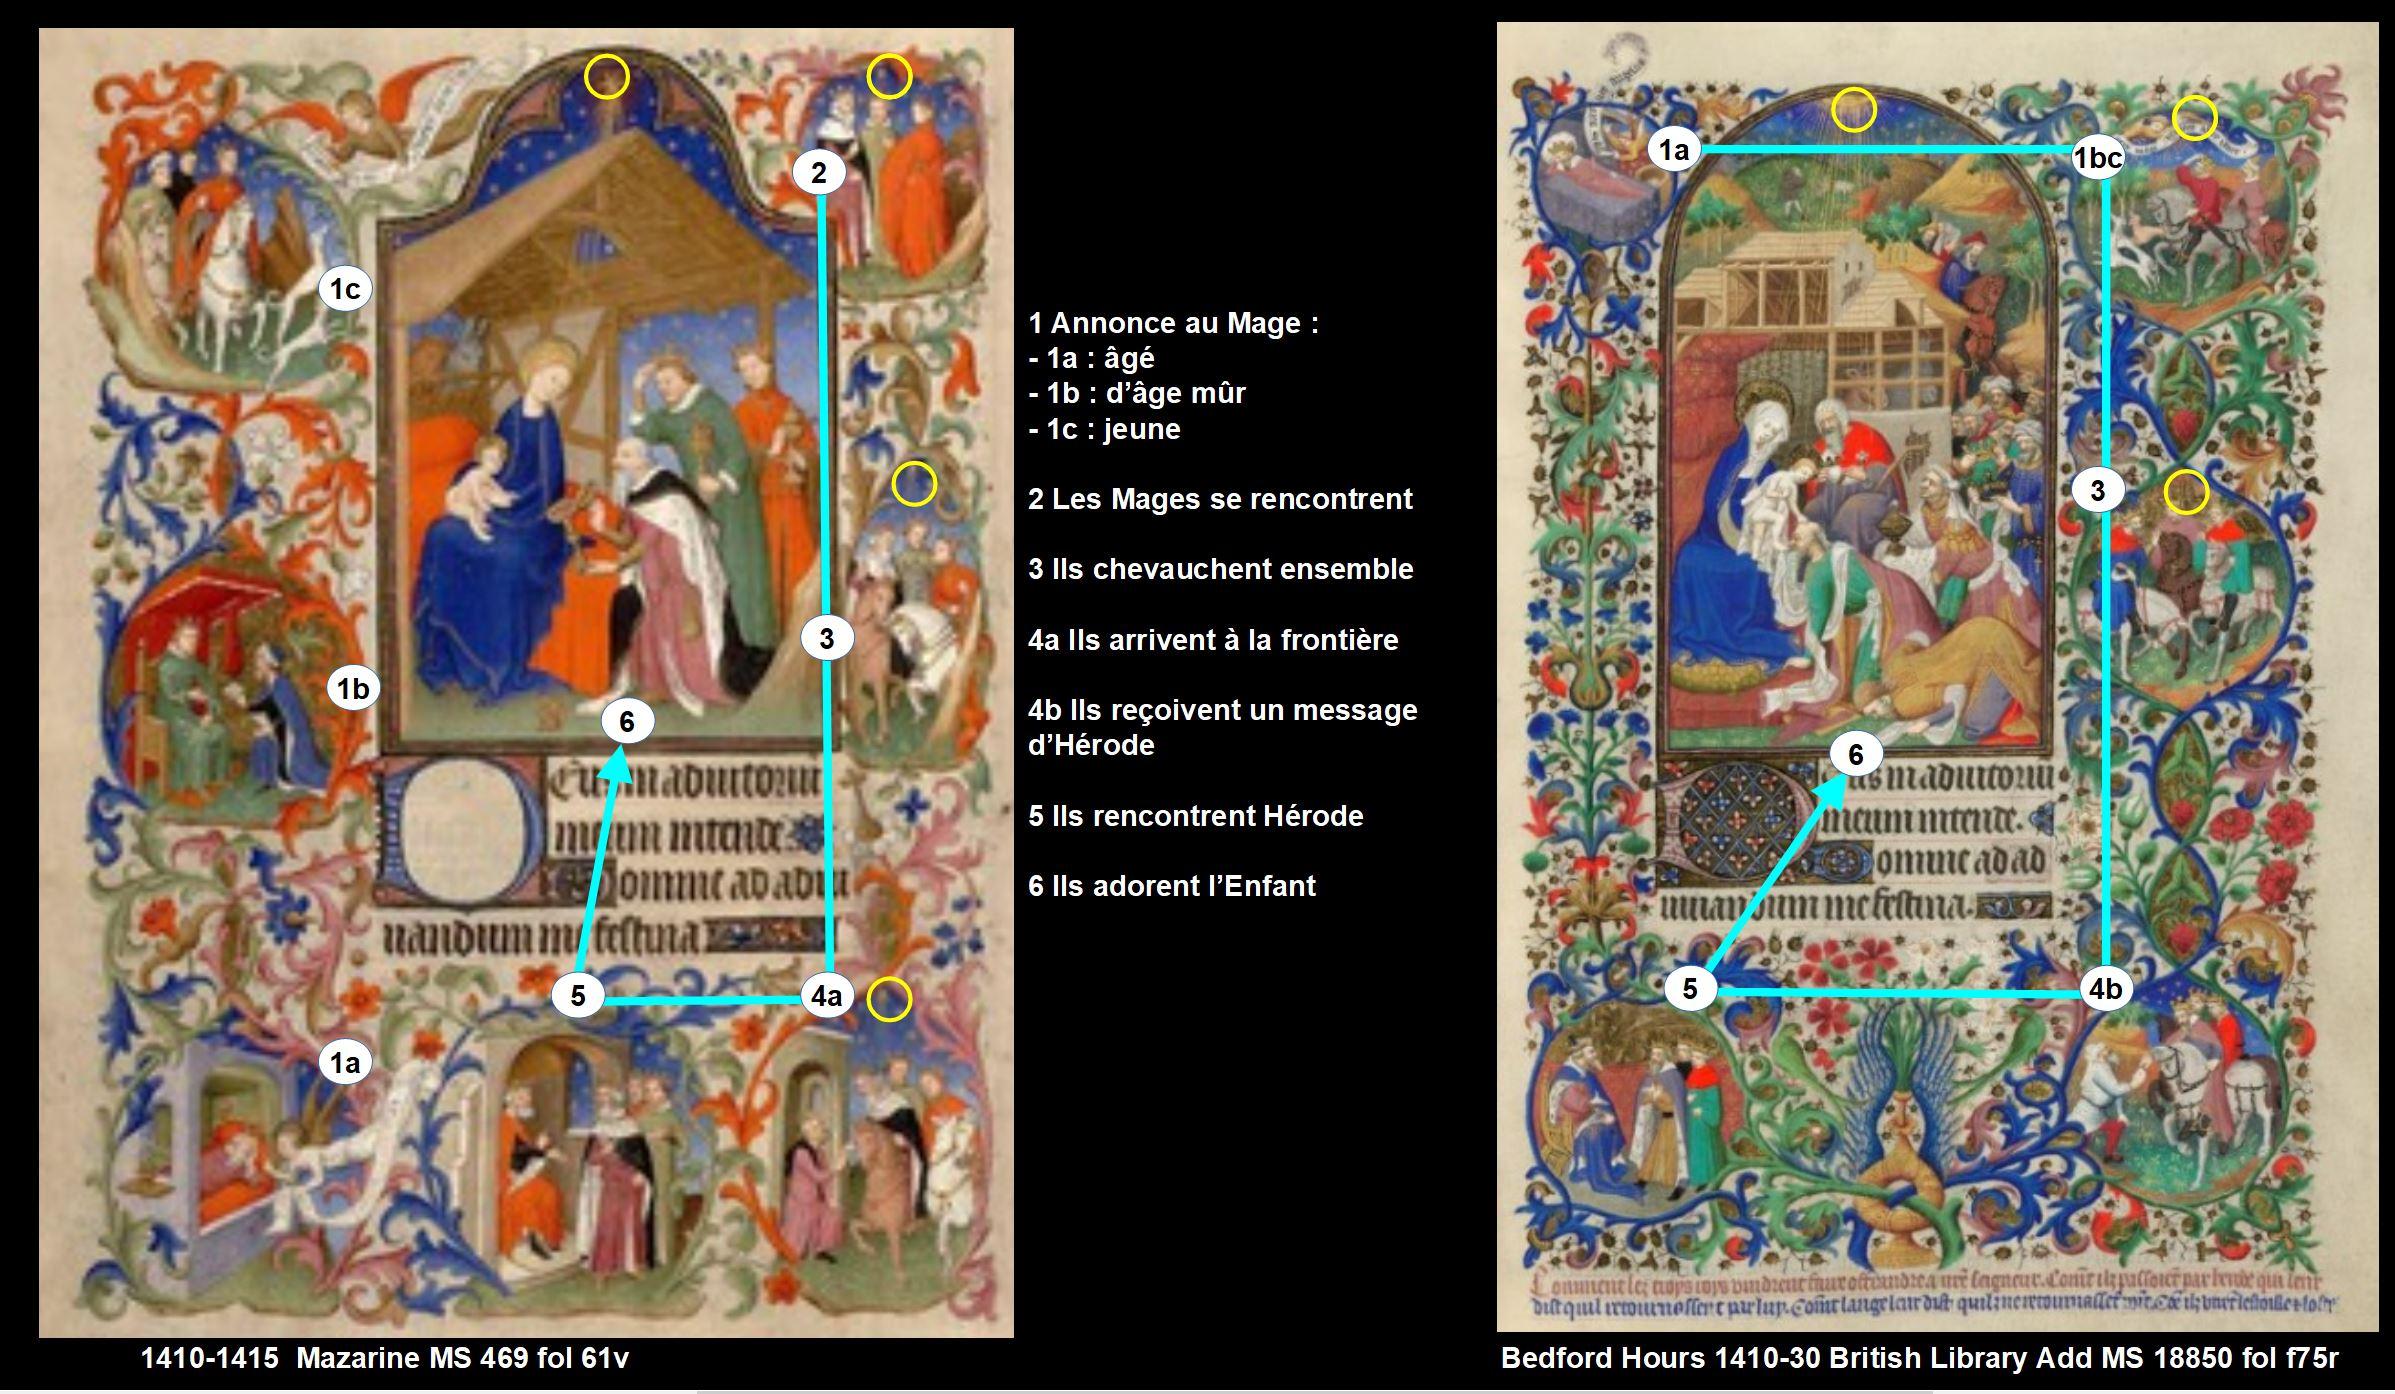 1410-1415 Maitre de la Mazarine Maitre de Bedford Comparaison 61v Mages